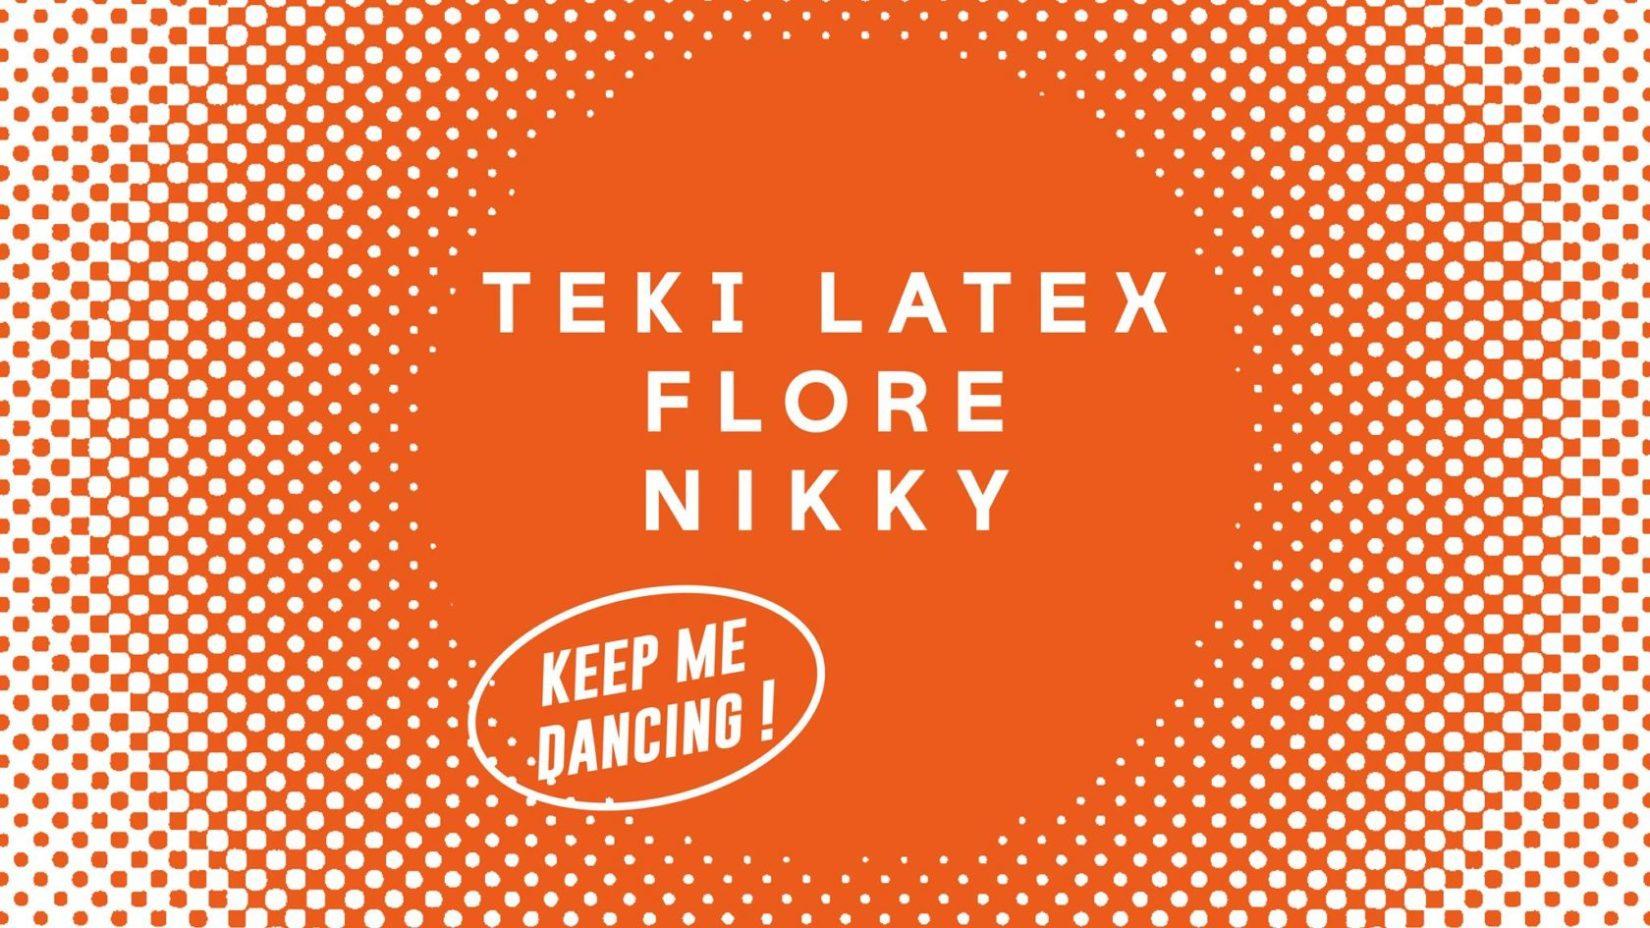 Keep me dancing ! - TEKI LATEX / FLORE / NIKKY